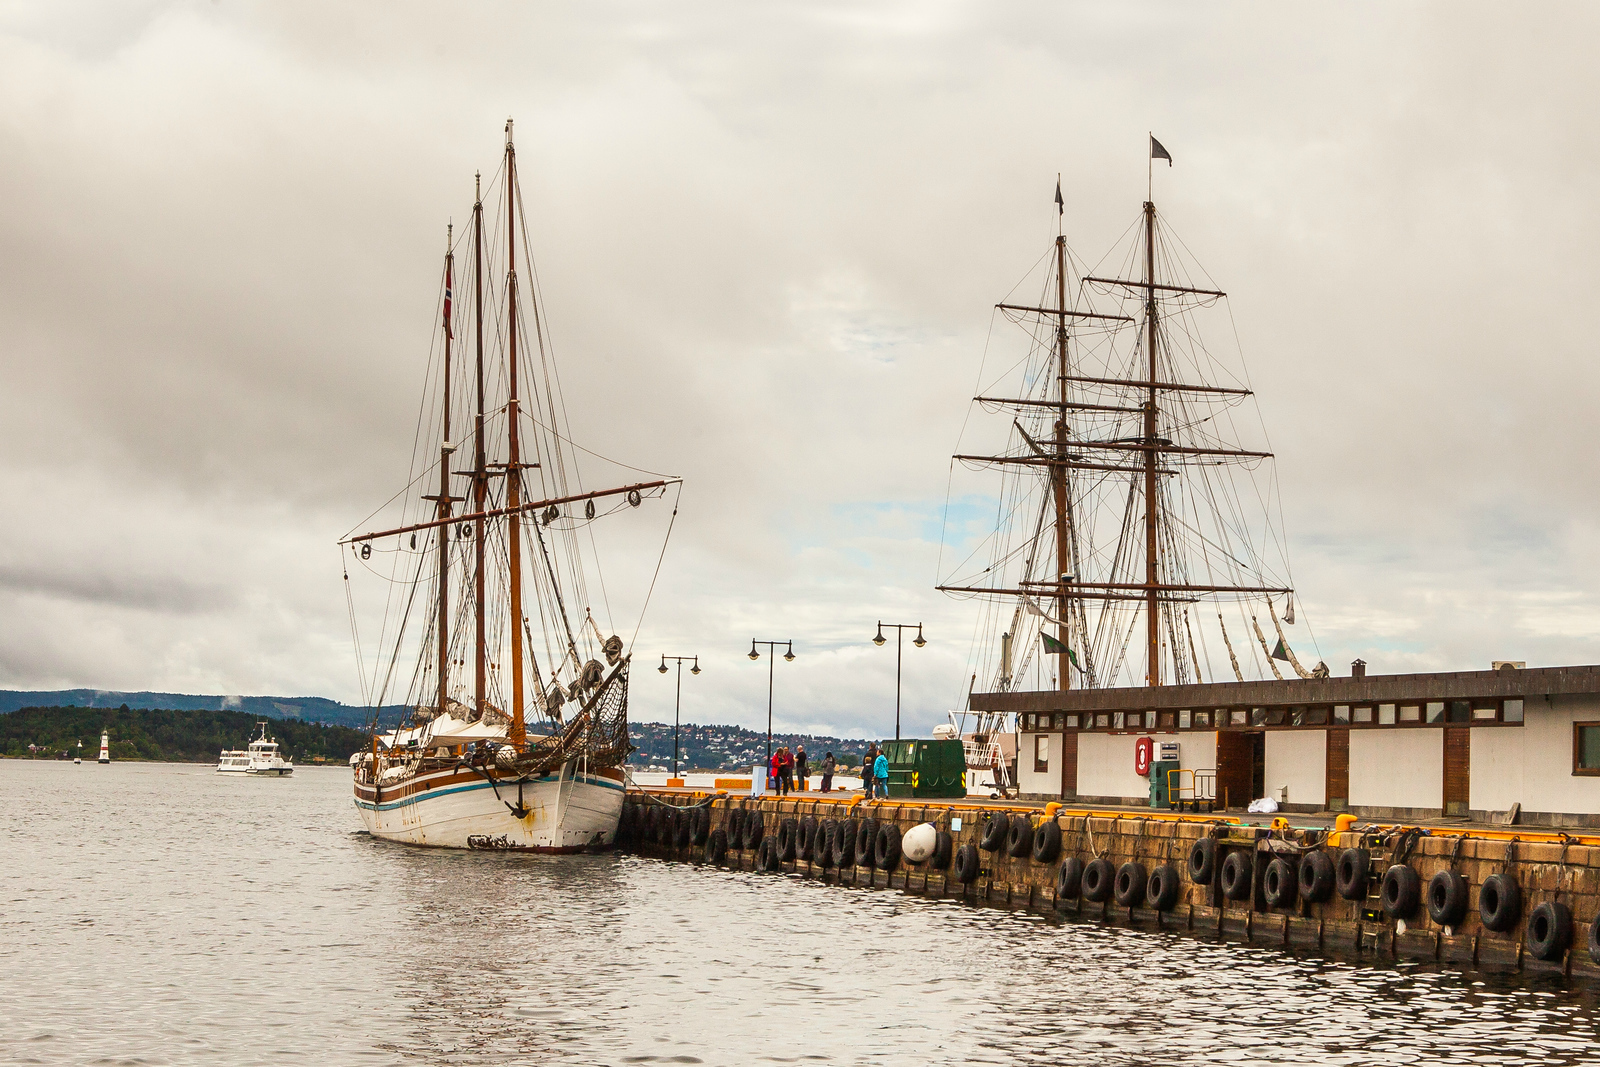 挪威奥塞罗,生活质量令人骄傲